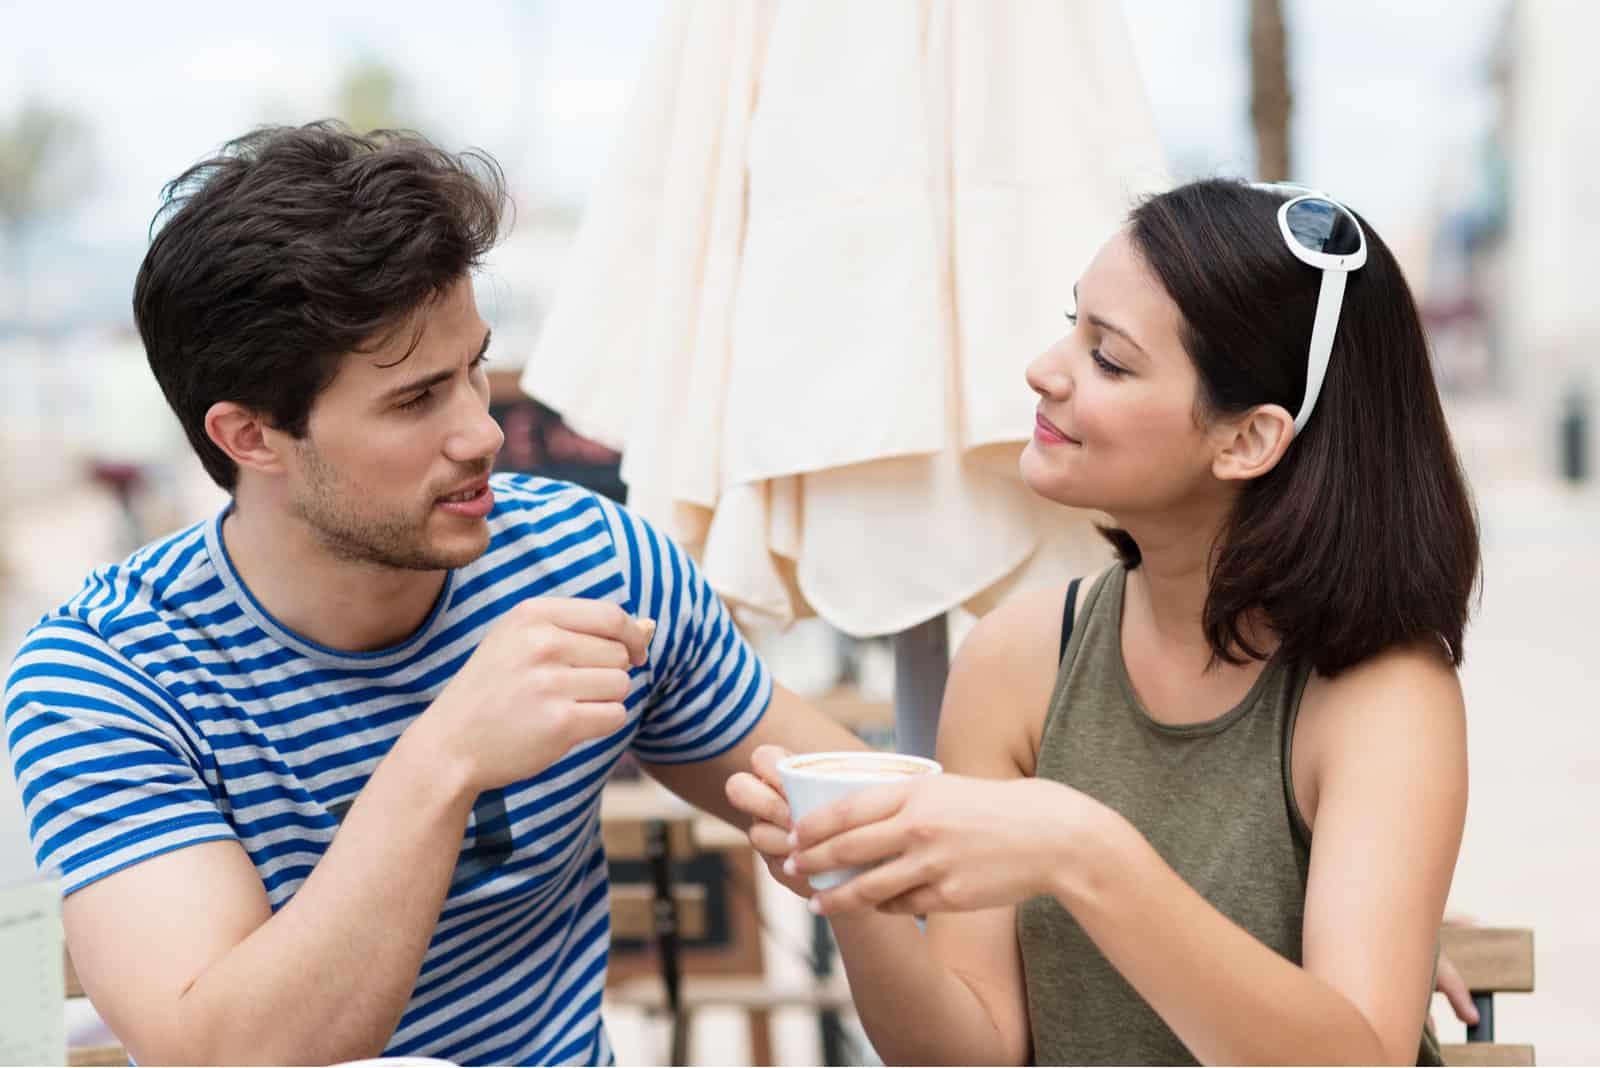 un homme et une femme s'asseyent et parlent autour d'un café